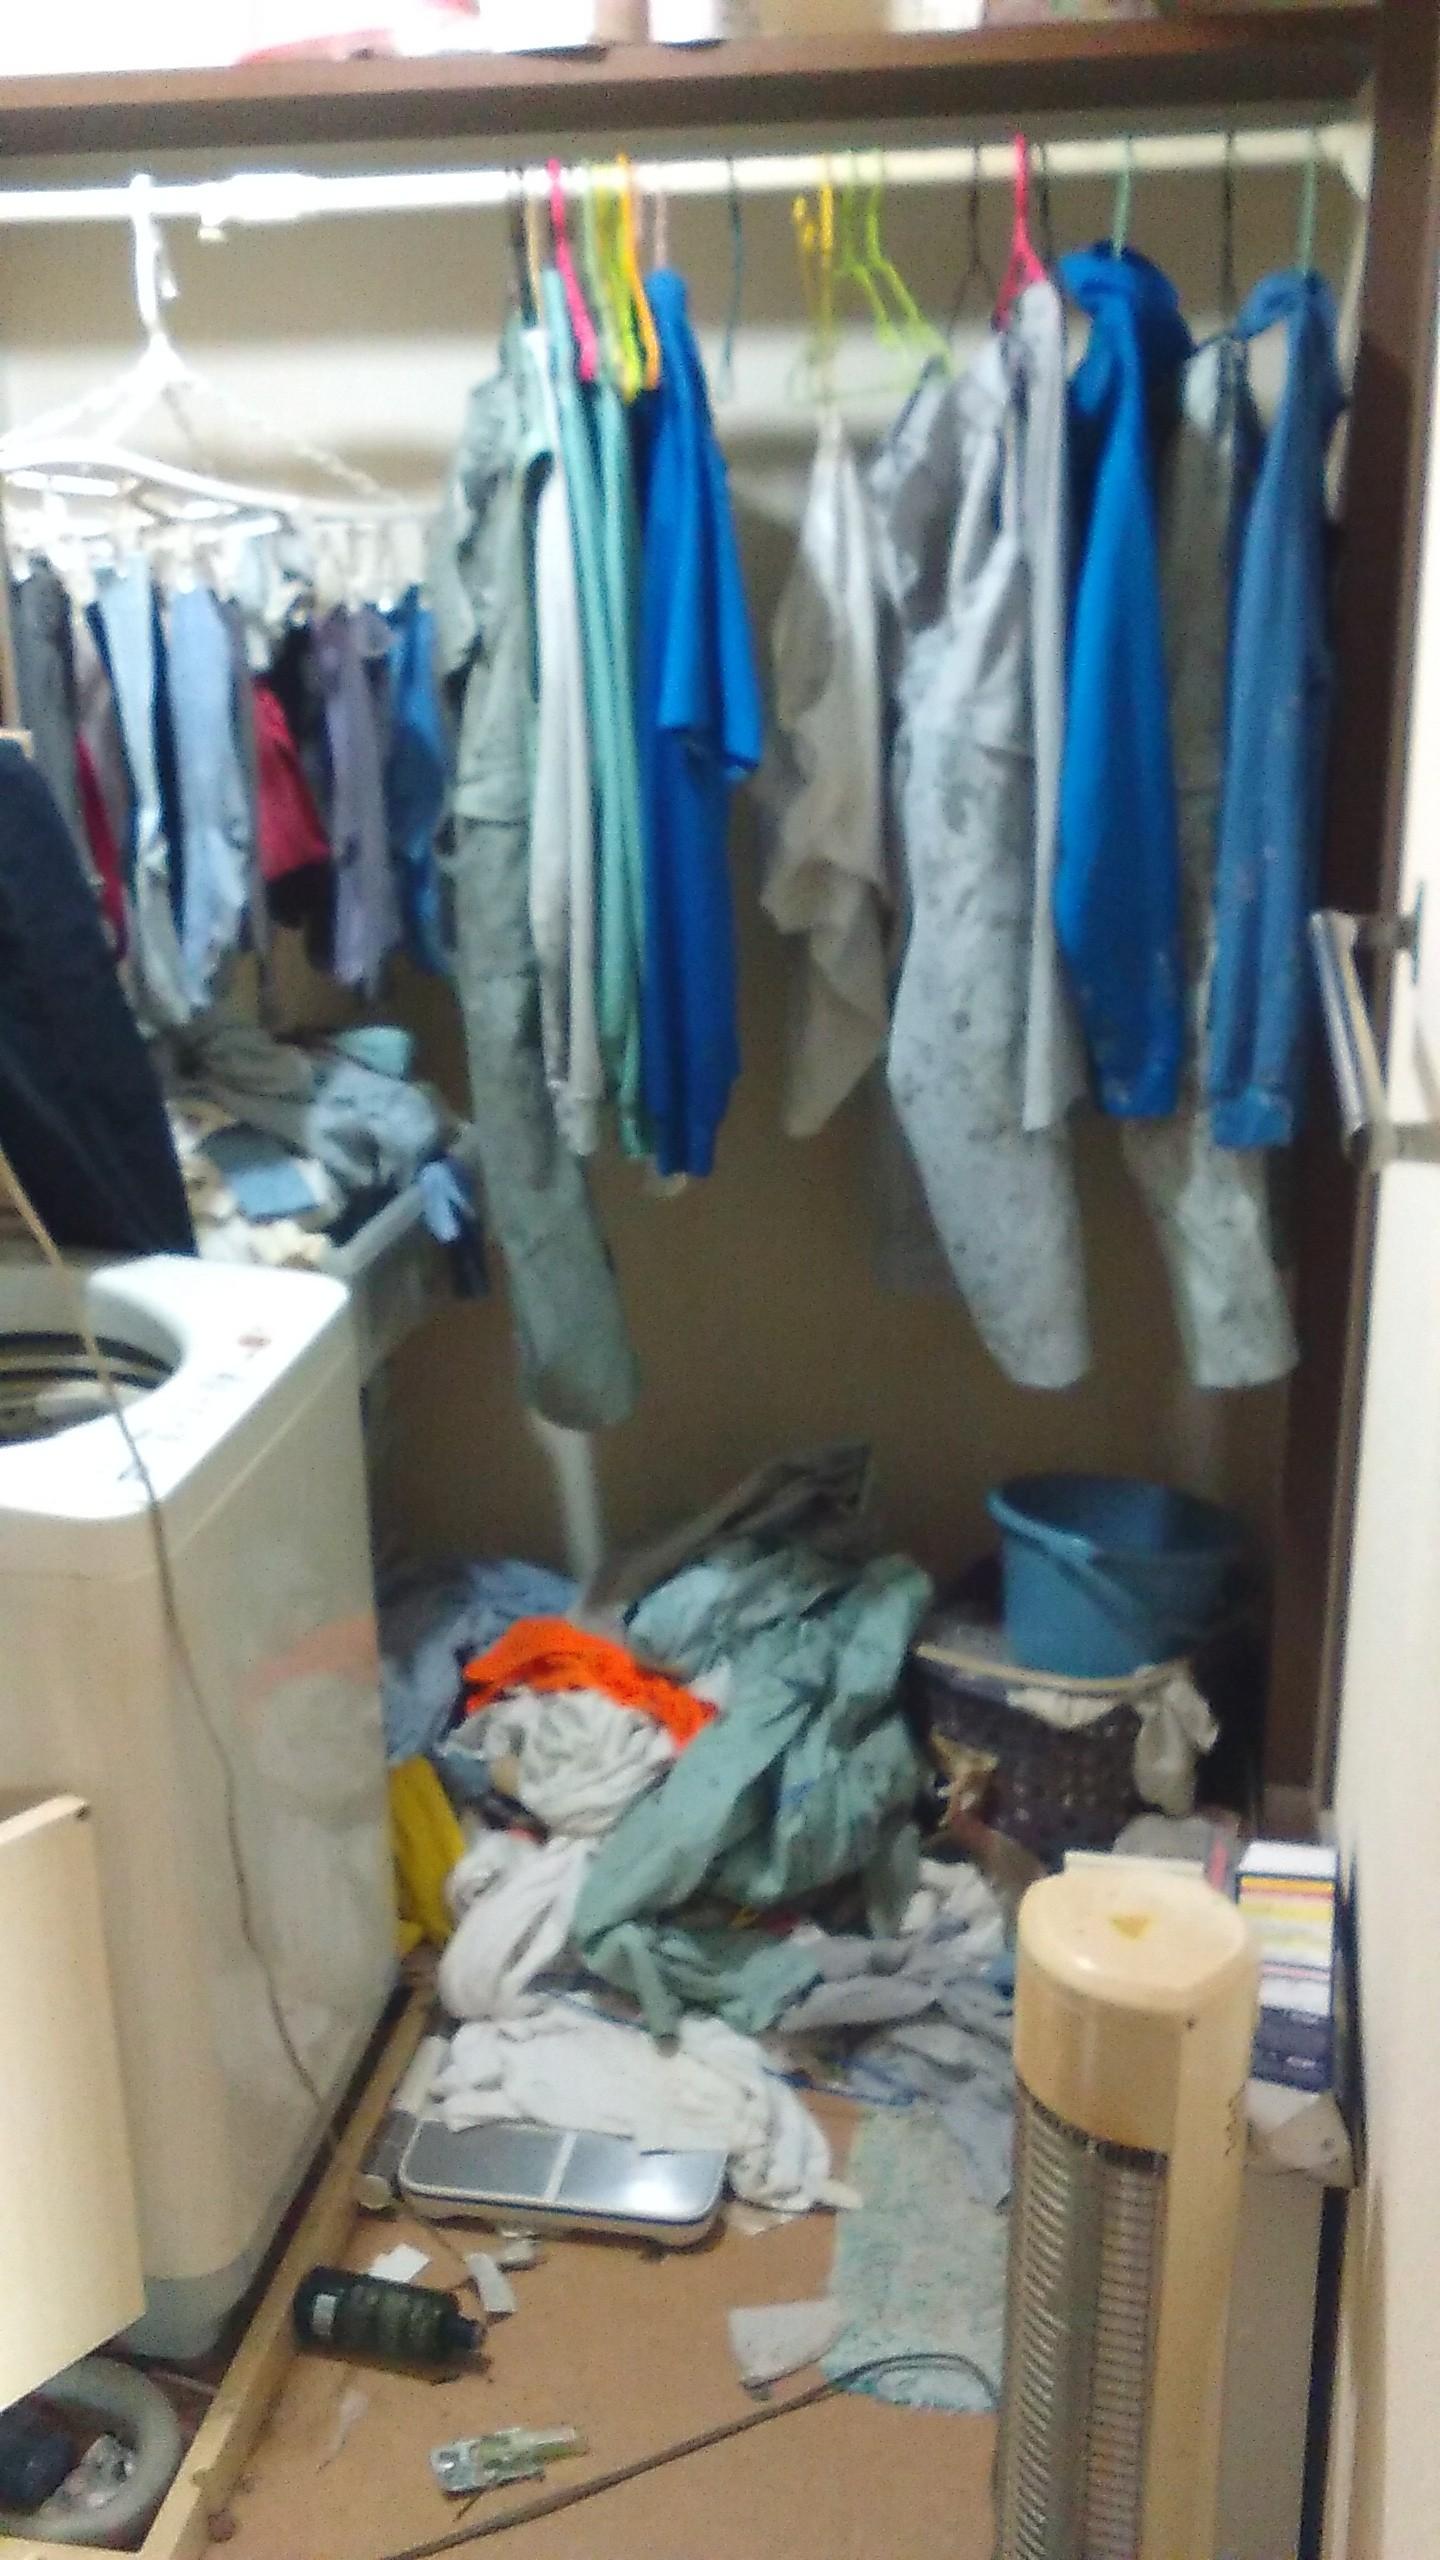 【愛知県名古屋市南区】洗面所に散らかった衣類の処分と不要な洗濯機の回収